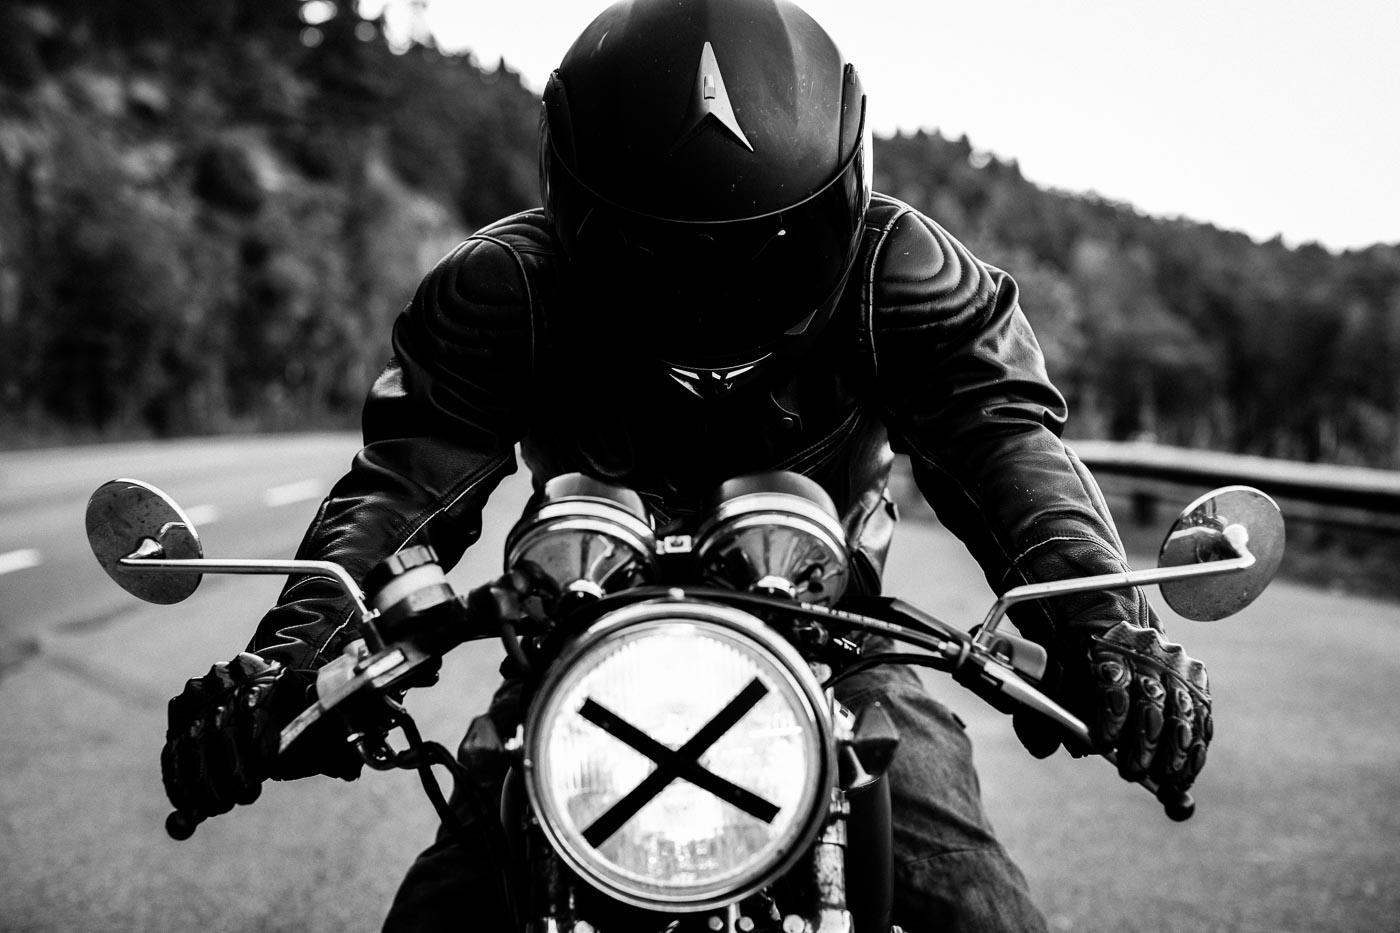 WilkieVintage_Motorcycle_Projects @ Alan Thomas Duncan Wilkie-29.jpg